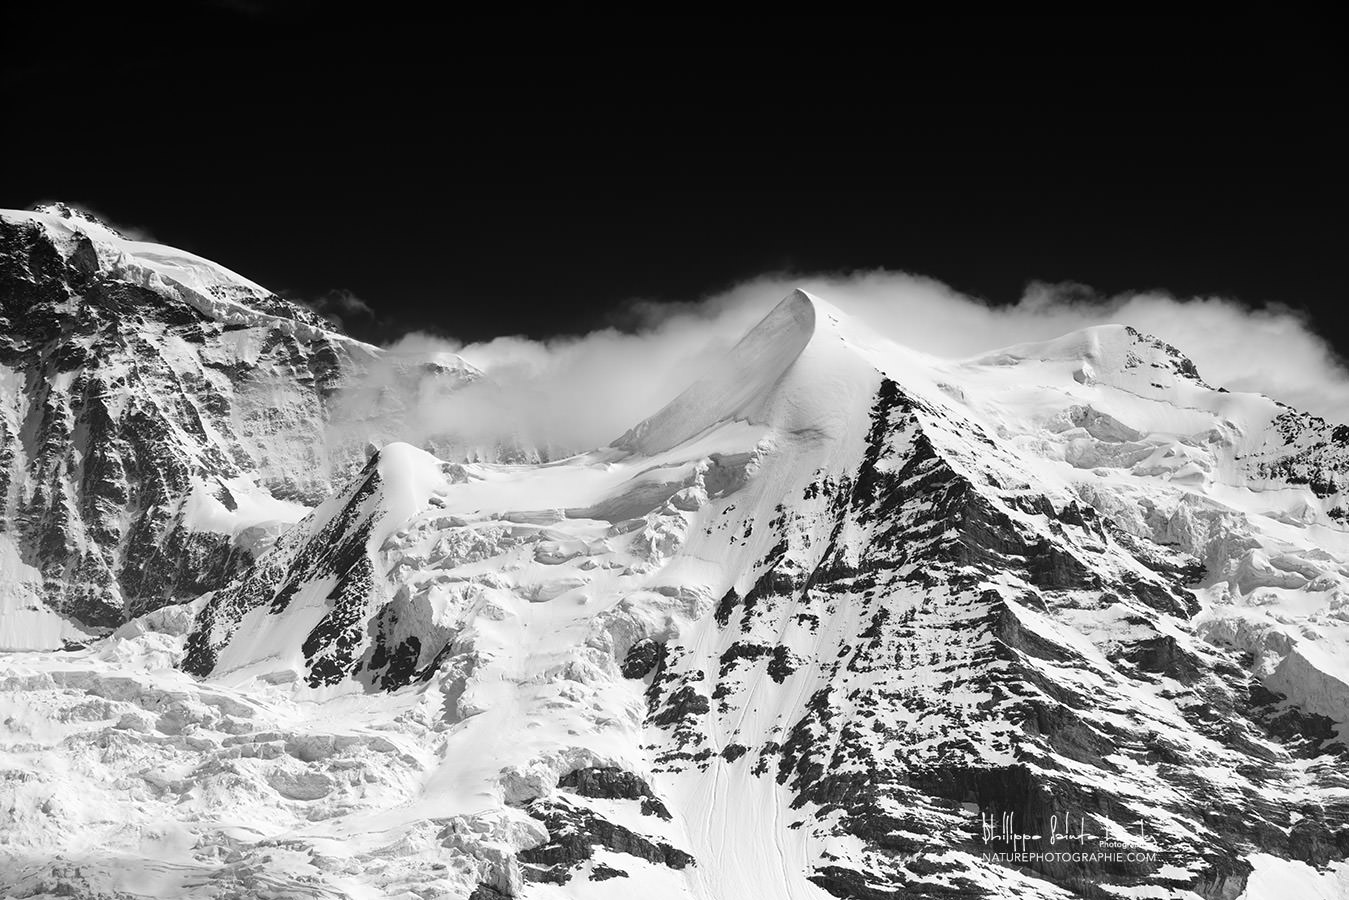 Massif de la Jungfrau